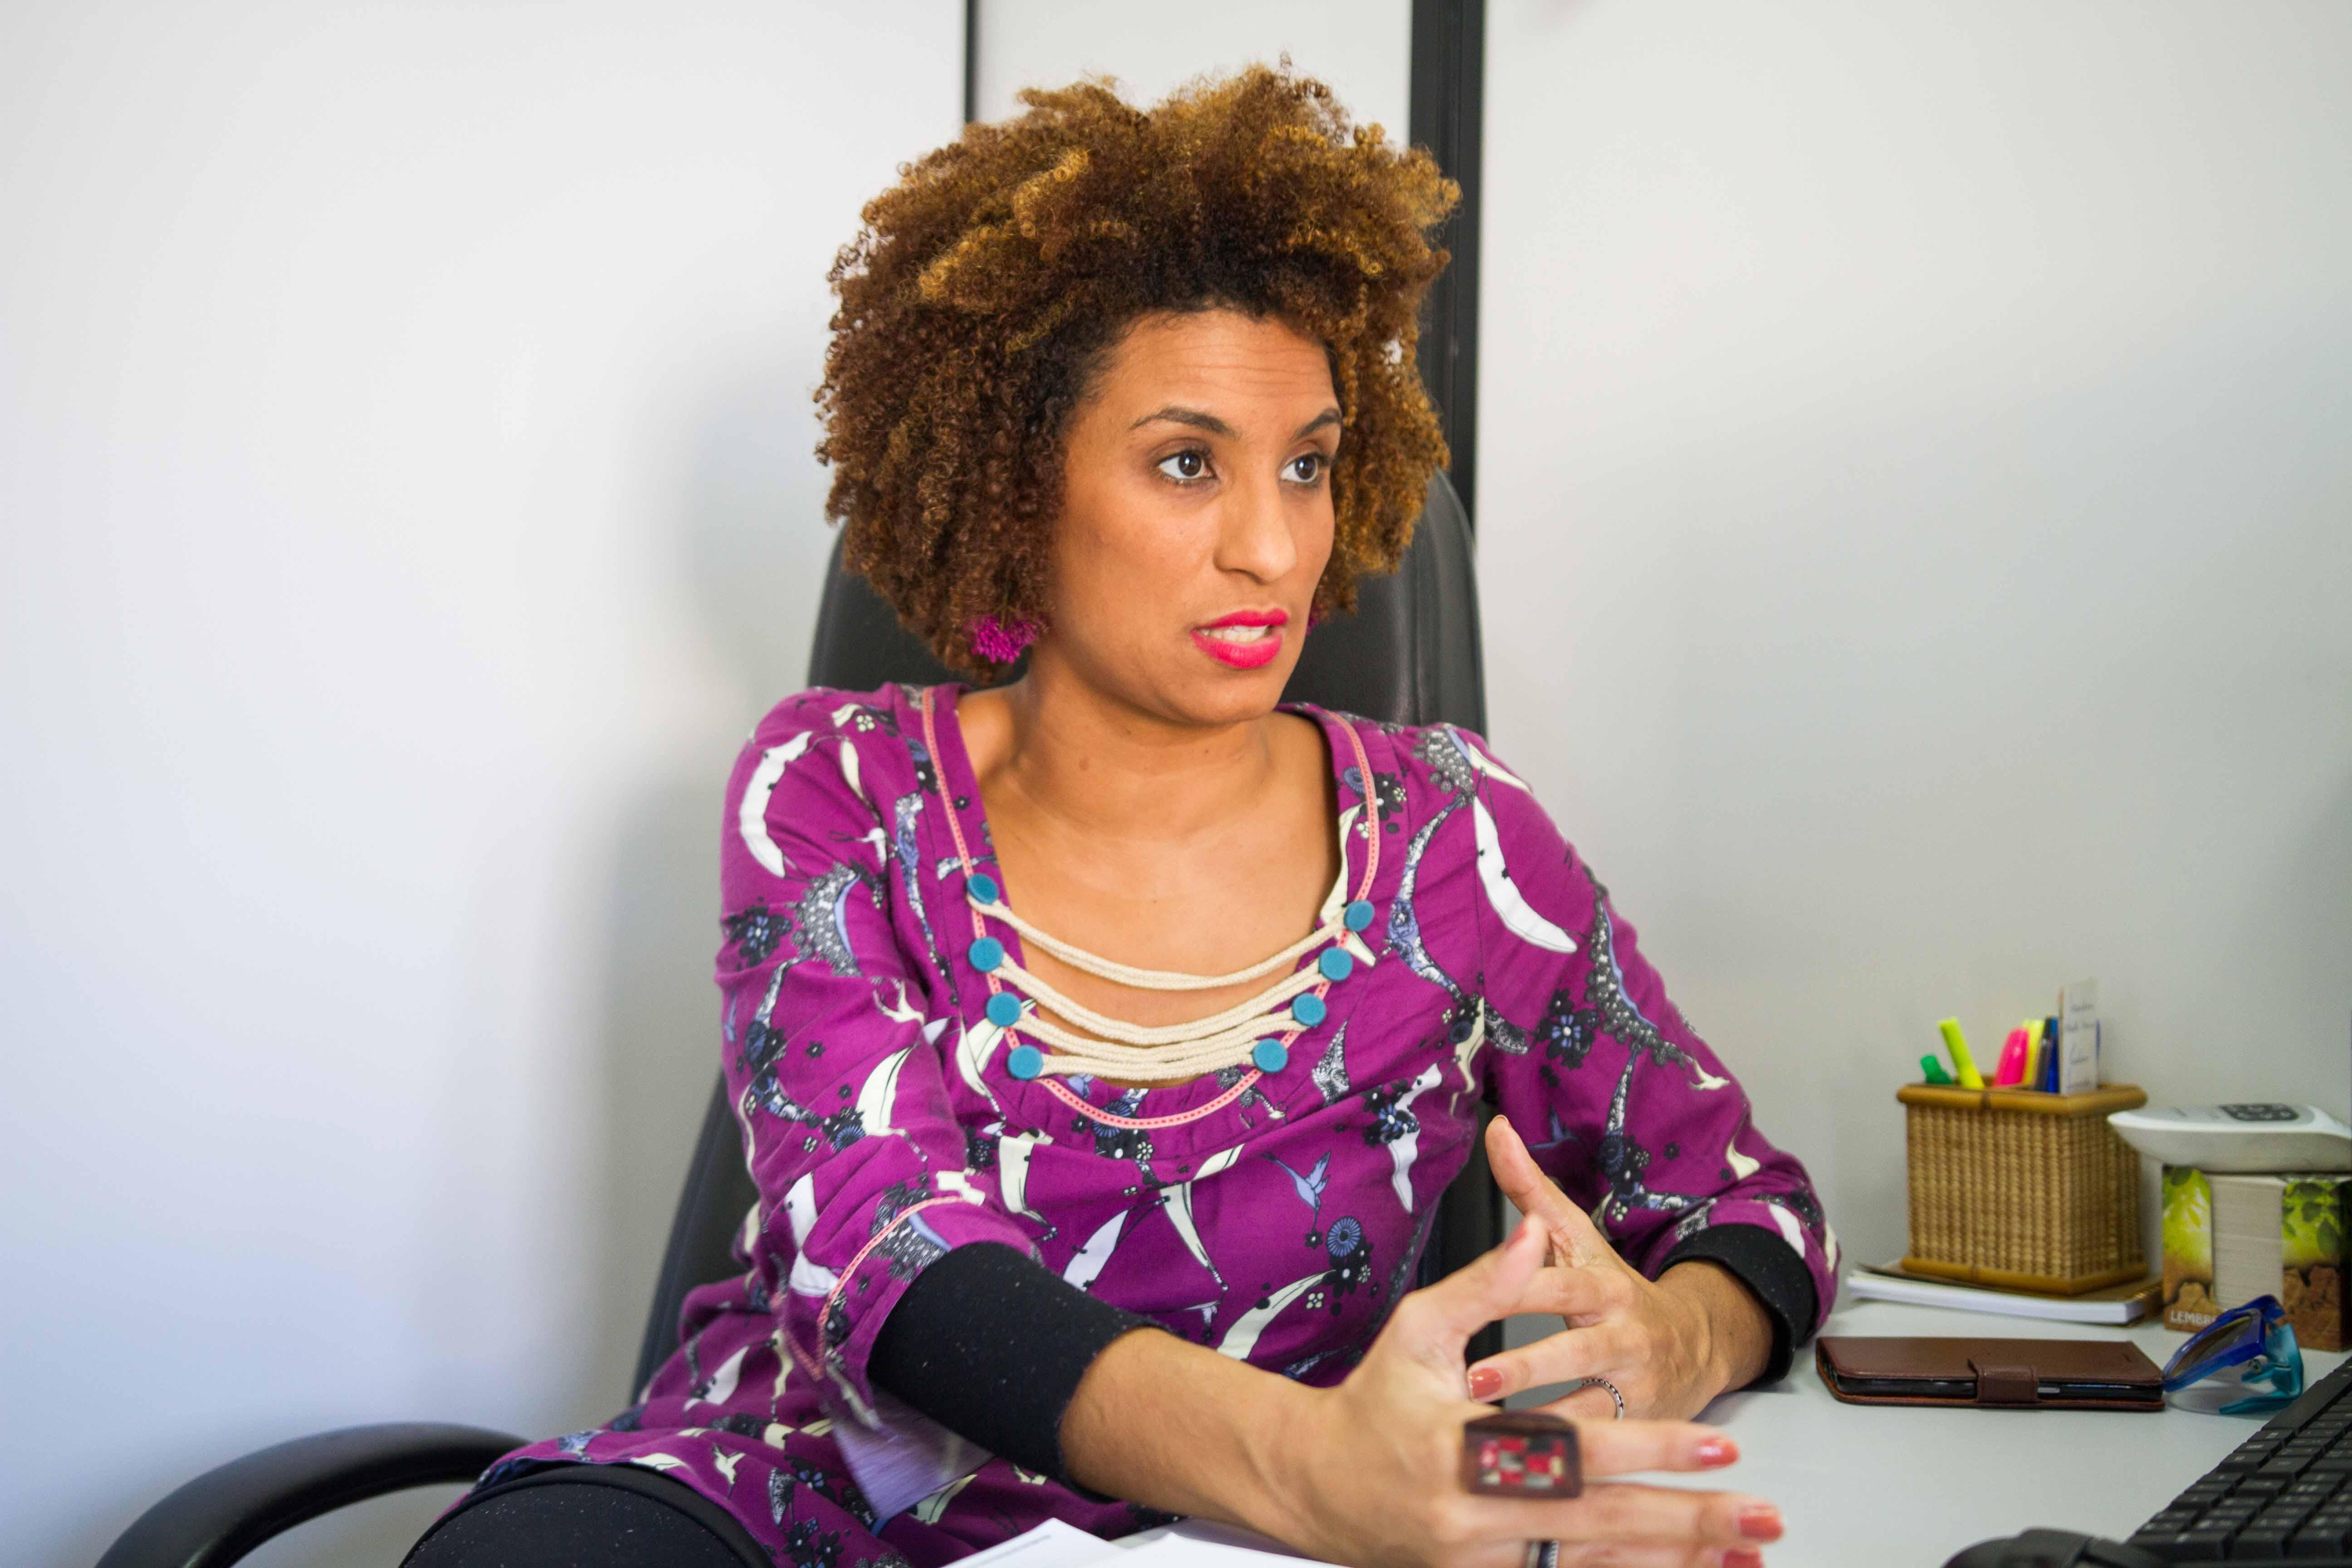 Mãe, preta, favelada e vereadora: Marielle Franco